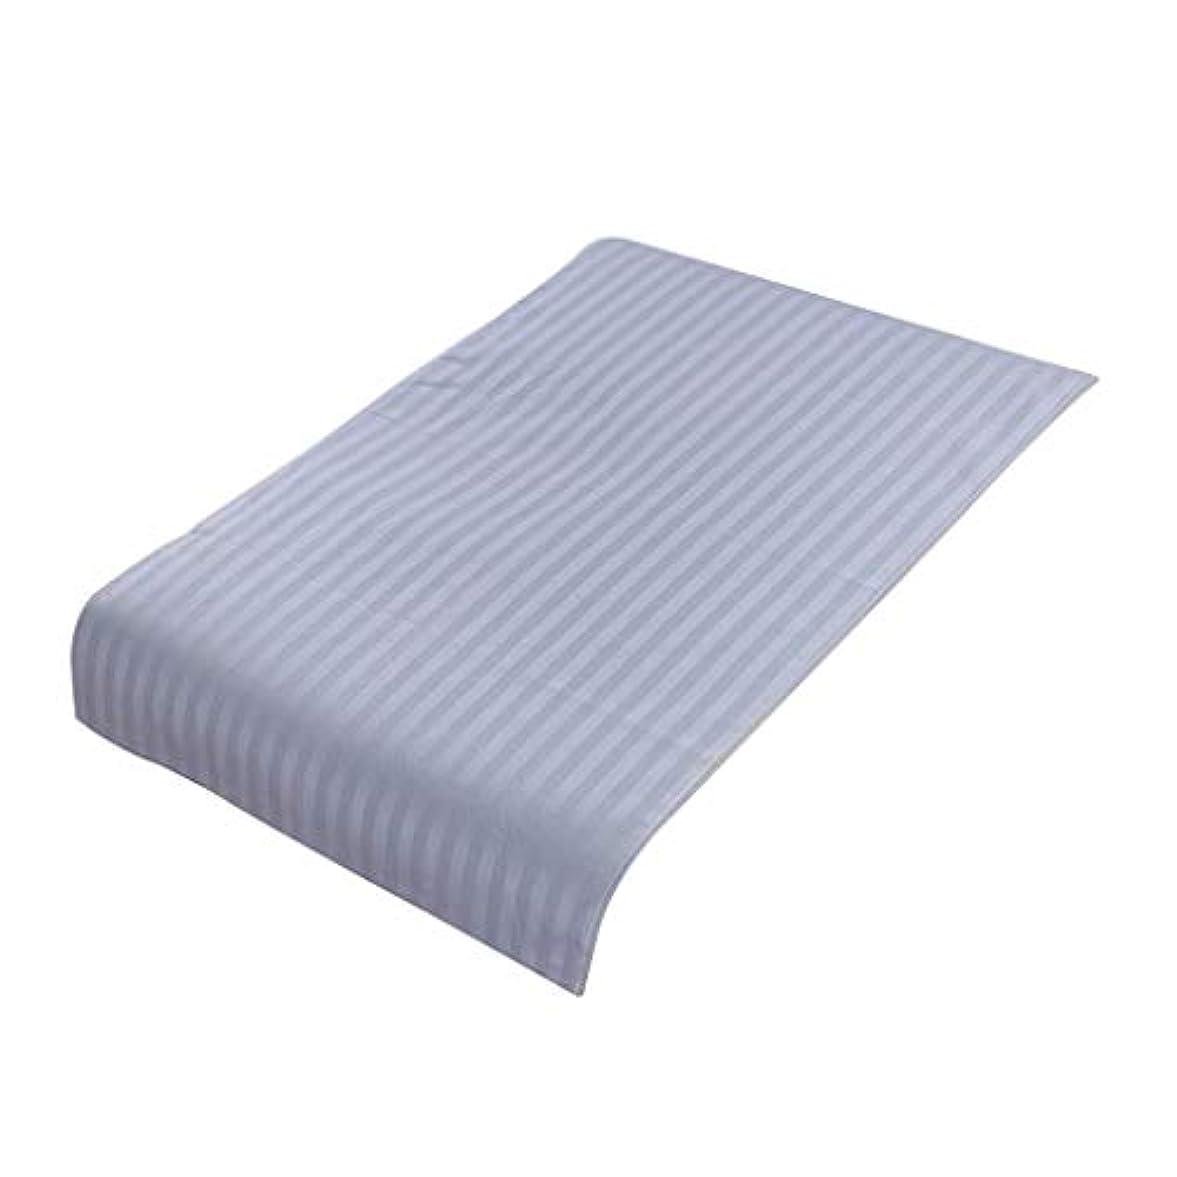 血統カプラー生まれPETSOLA 美容院ベッドカバー 断面 スパ マッサージベッドスカート ピュアコットン 快適 (90×60cm) - ライトブルー